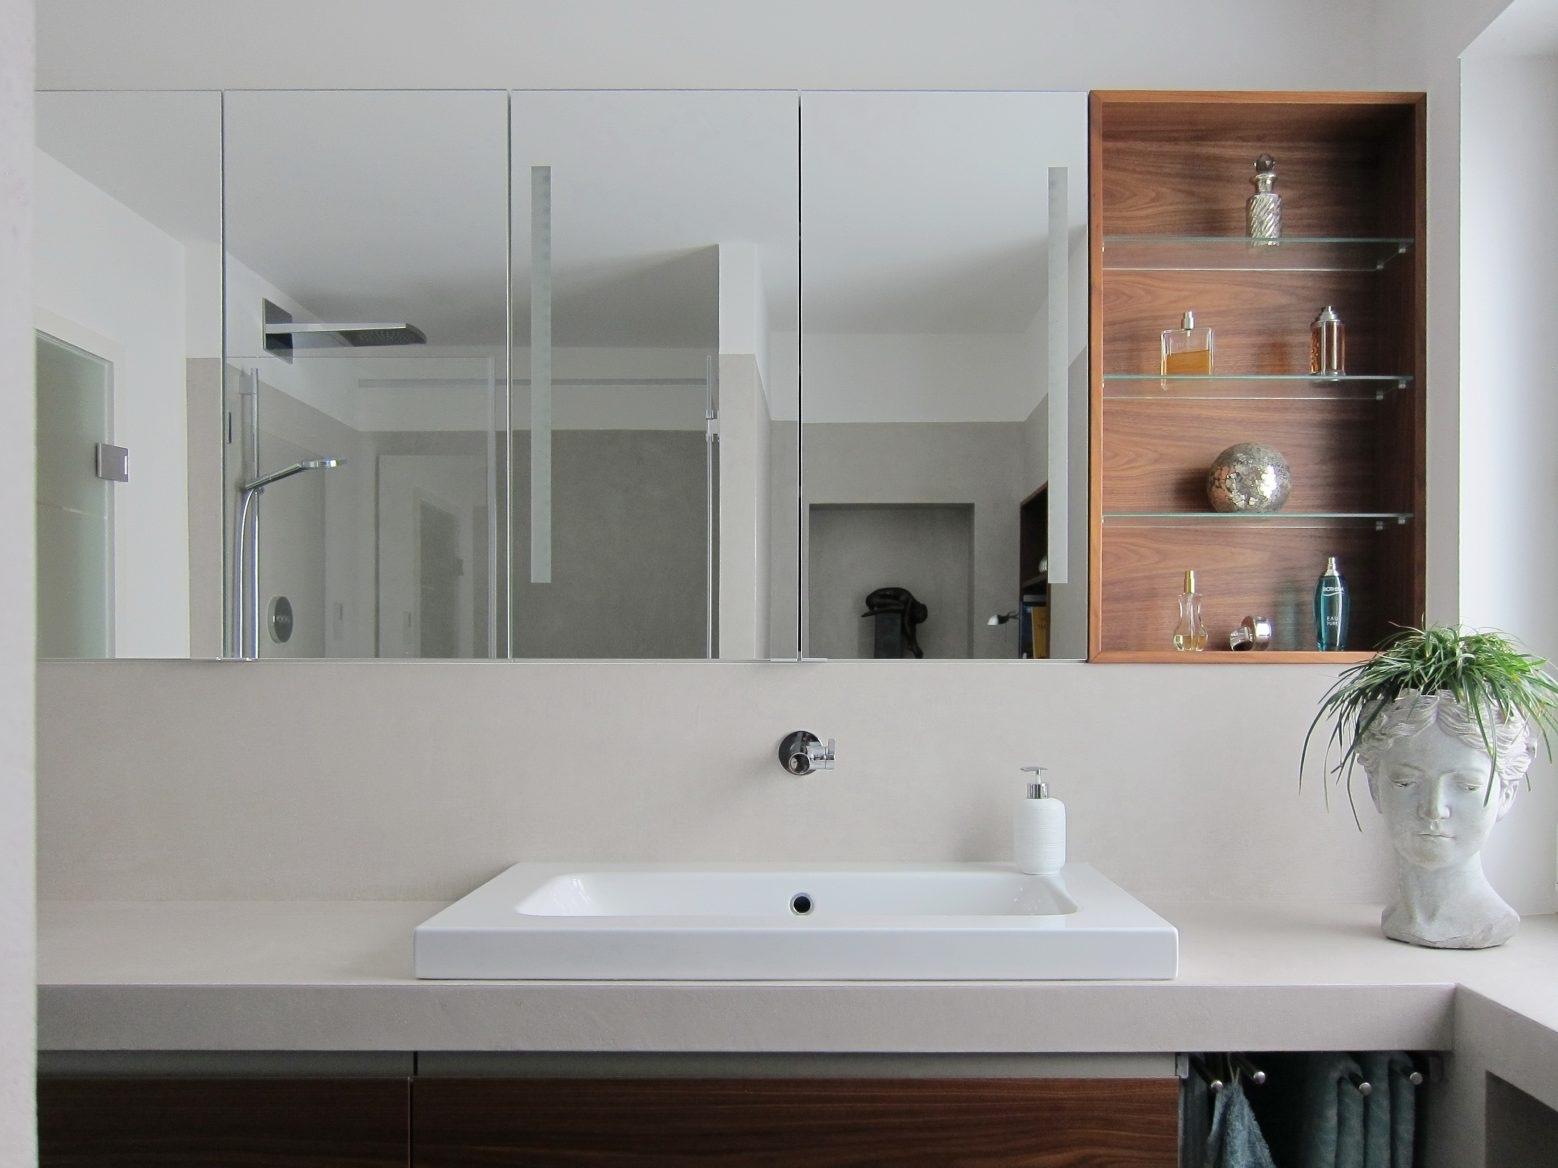 Bad mit Bücherregal - Waschtisch und Spiegelschrank